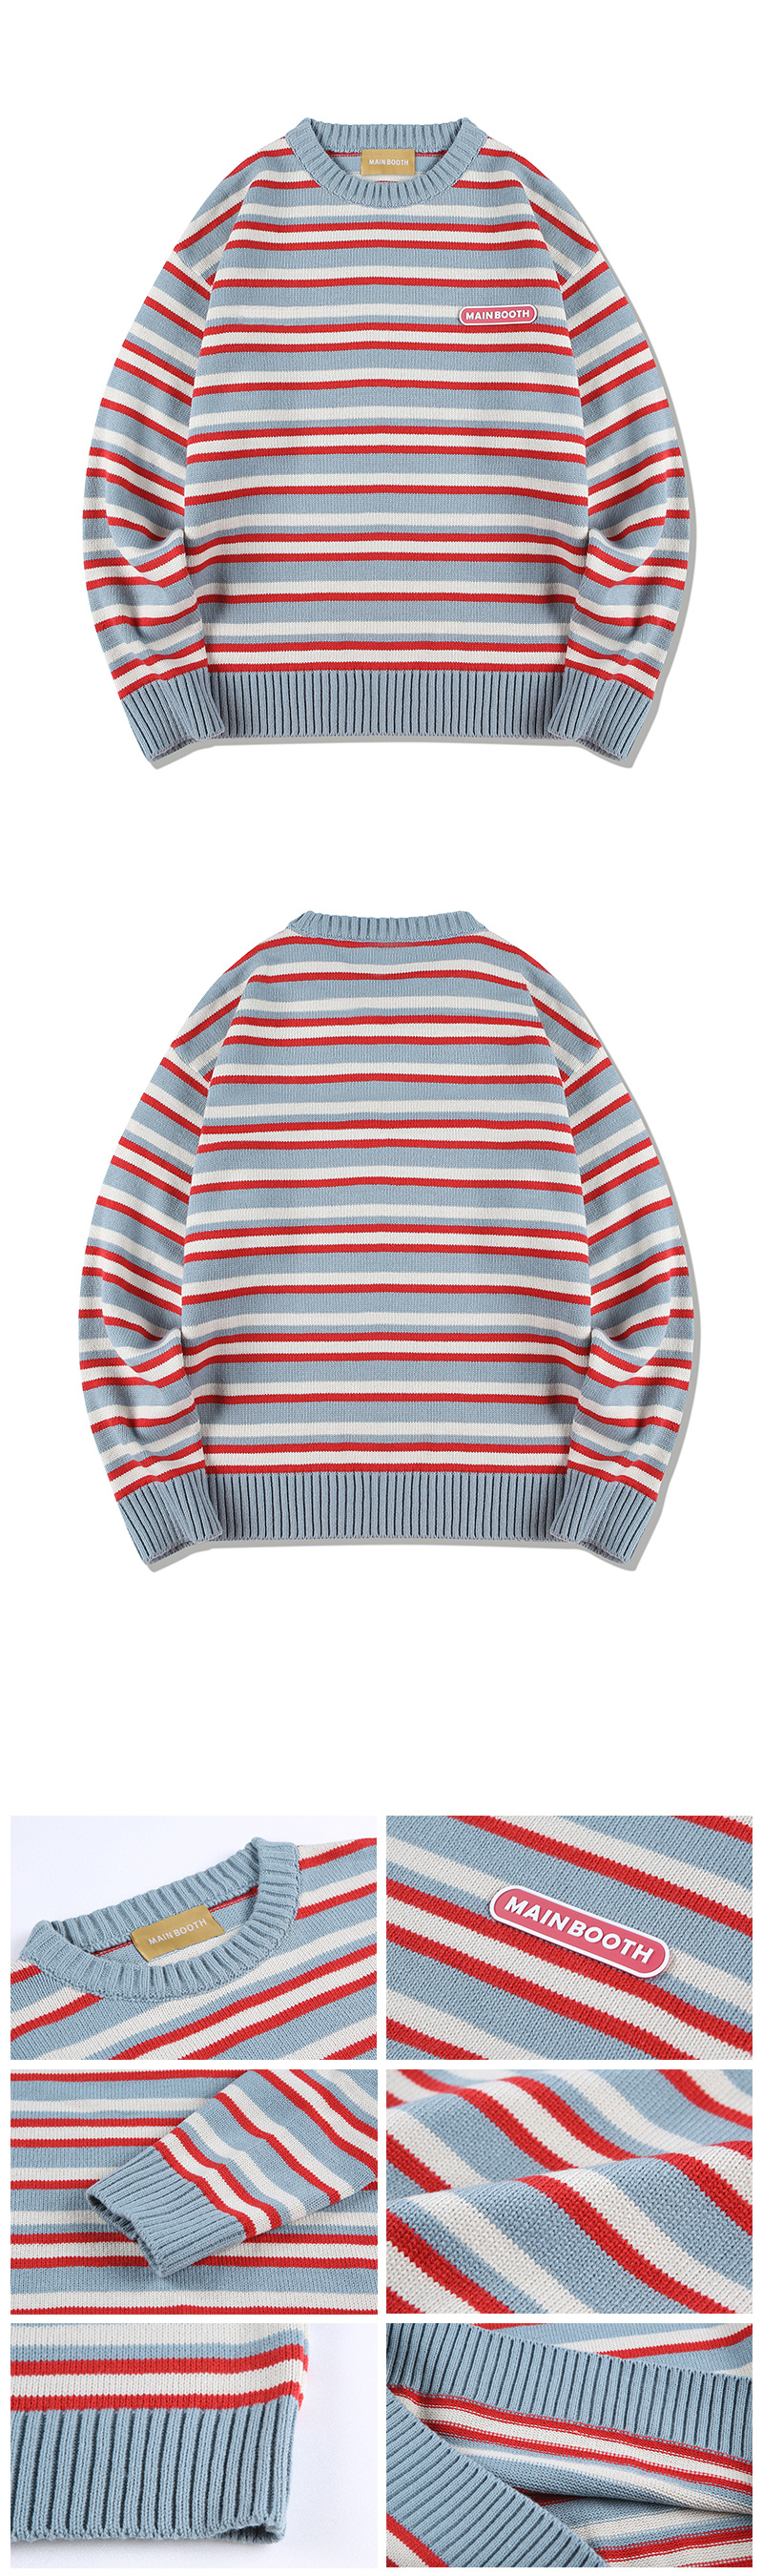 메인부스(MAINBOOTH) Jellybean Sweater(BLUE)